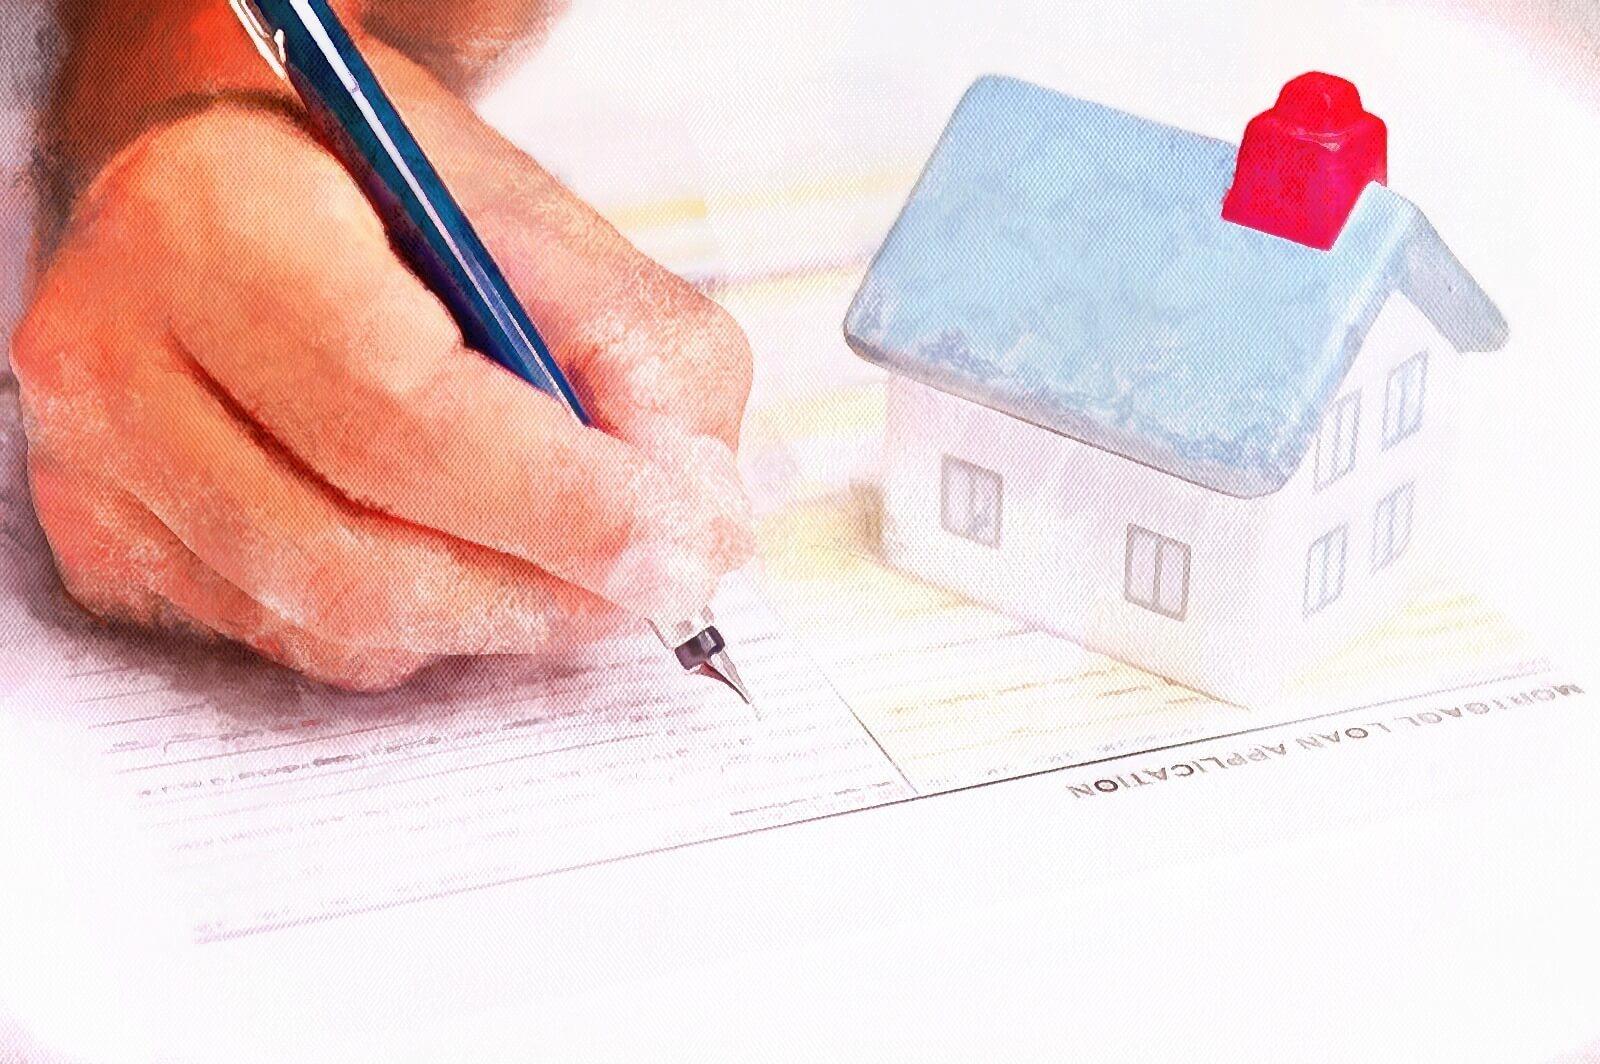 Документы для ипотеки на квартиру в ВТБ 24